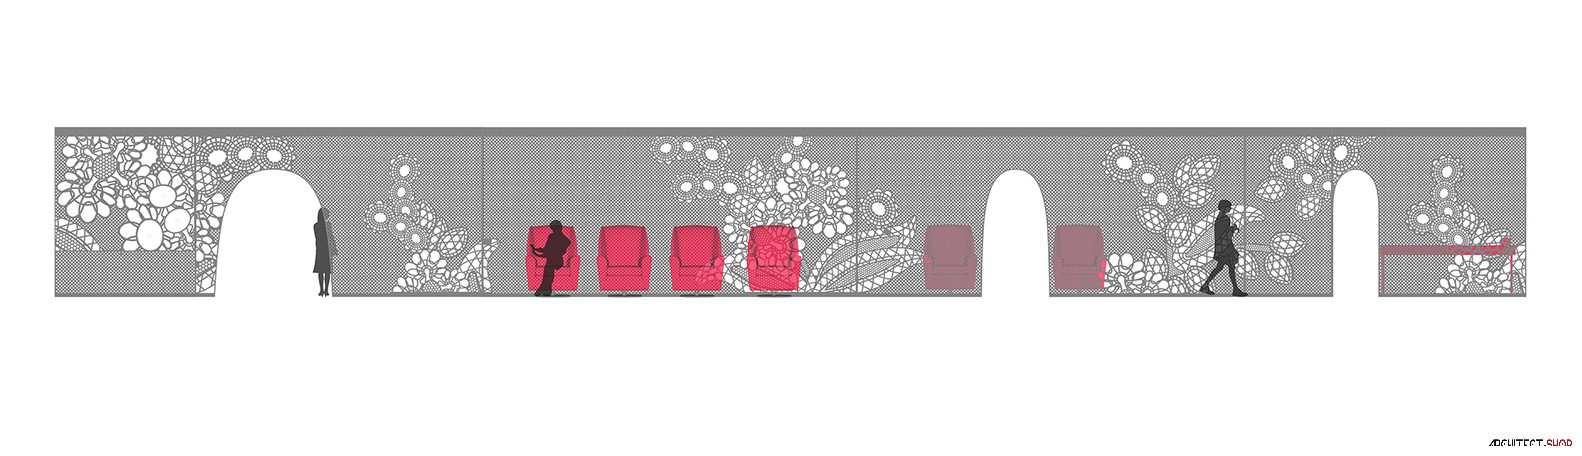 طراحی دکوراسیون سالن کاشت ناخن